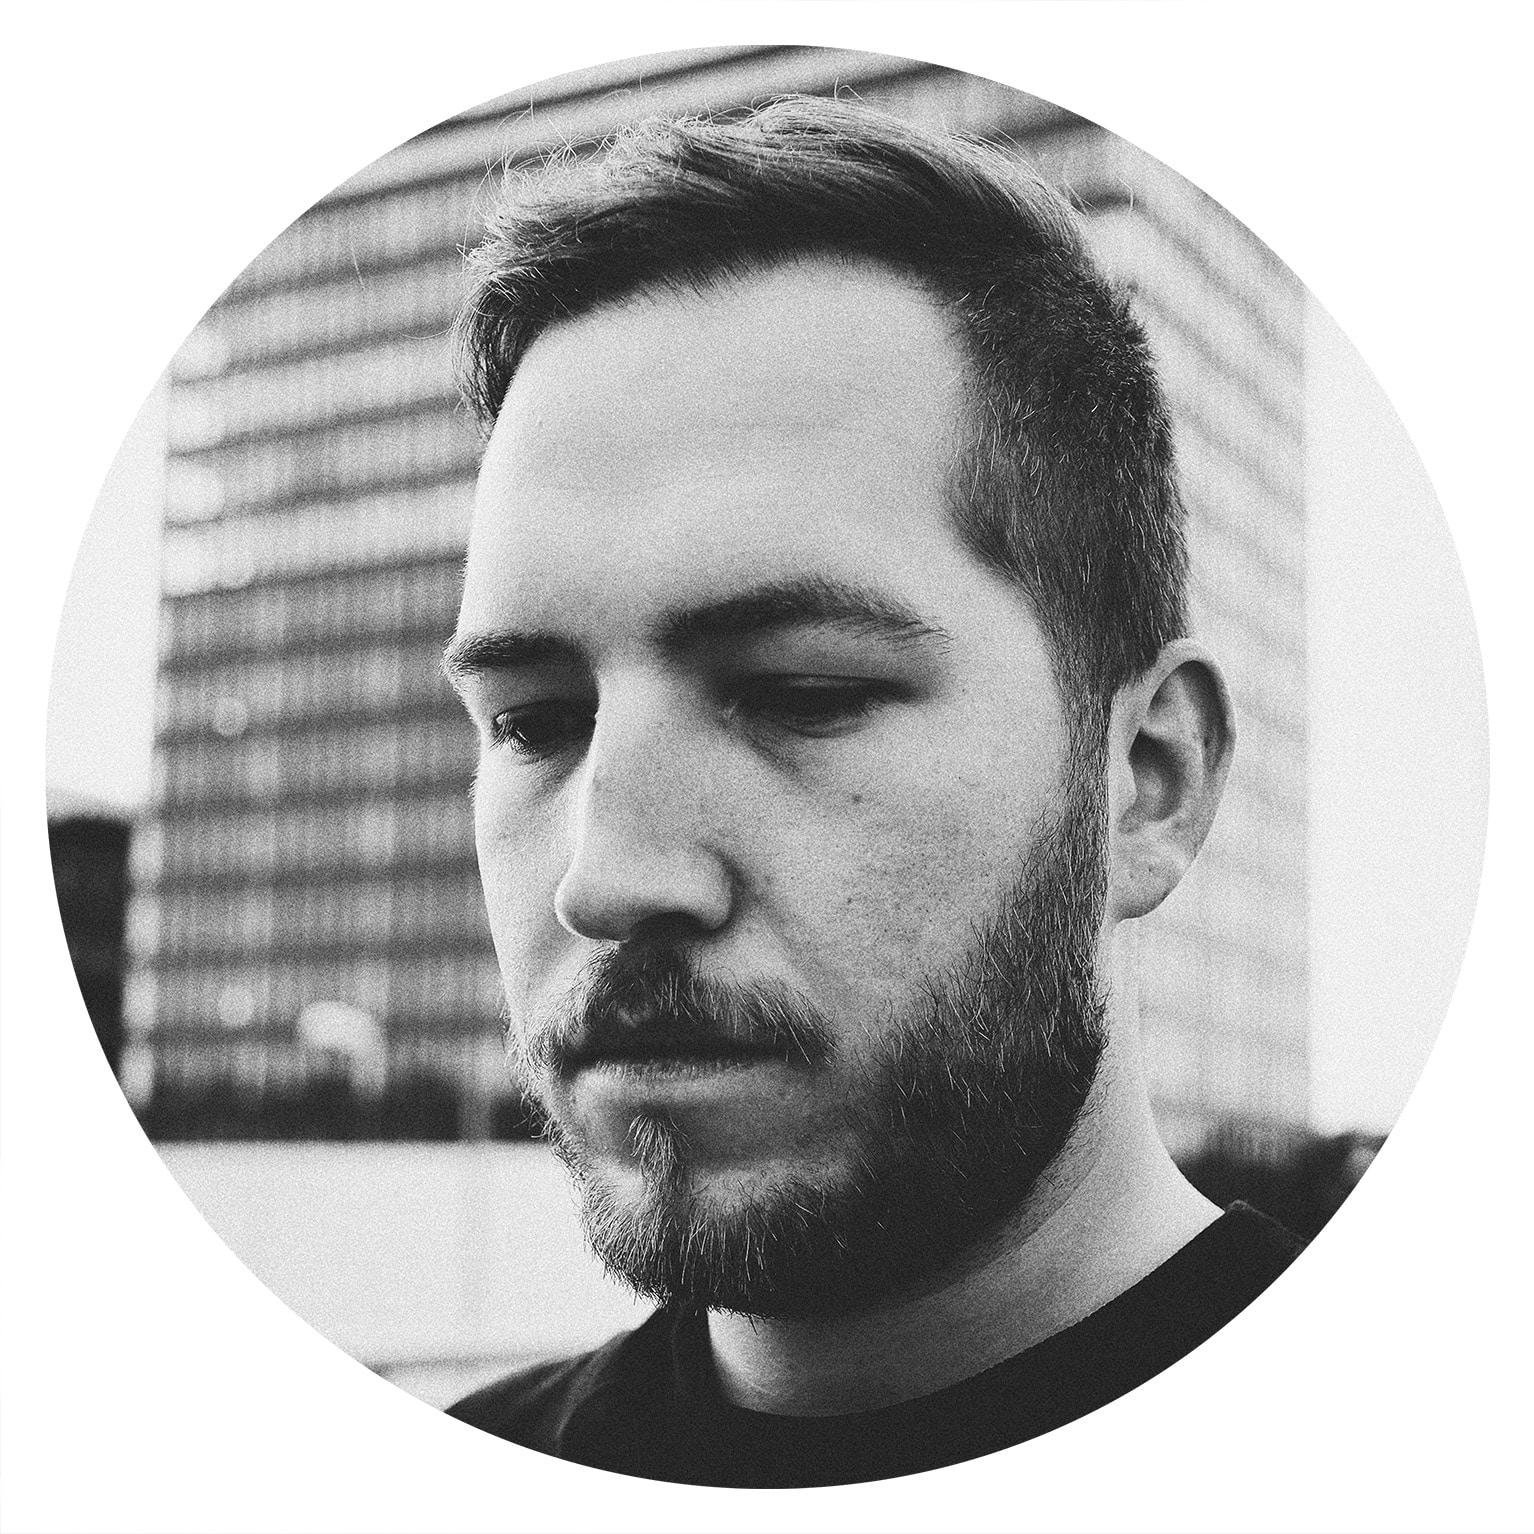 Go to Simon Woehrer (@simonwoehrer)'s profile